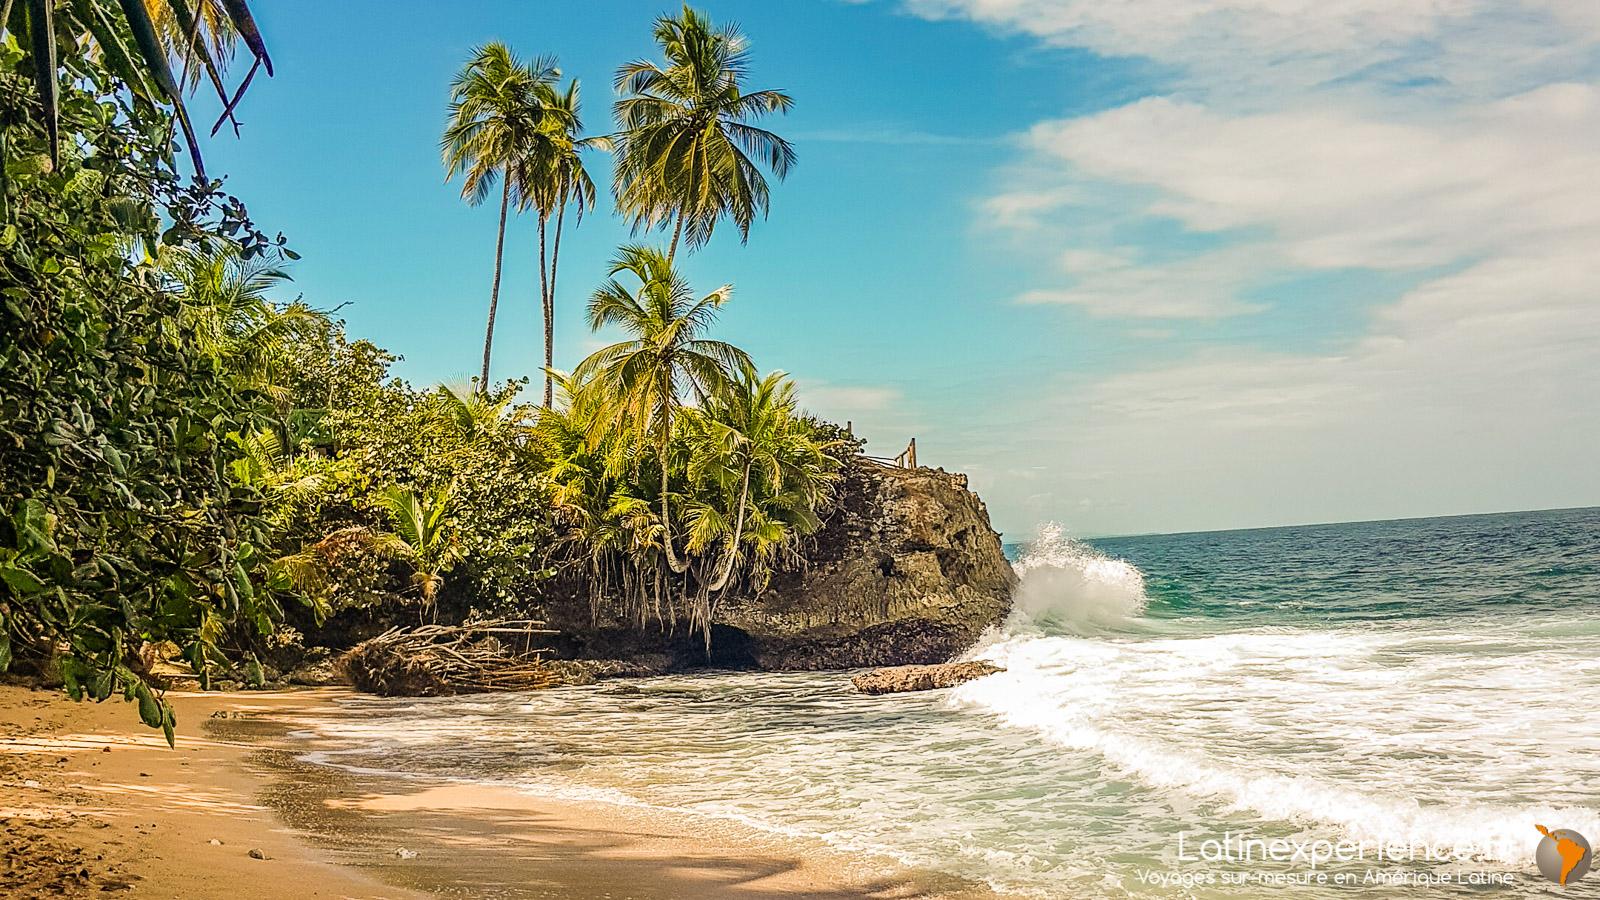 costa Rica - Plage du Parc de Cahuita - Latinexperience voyages